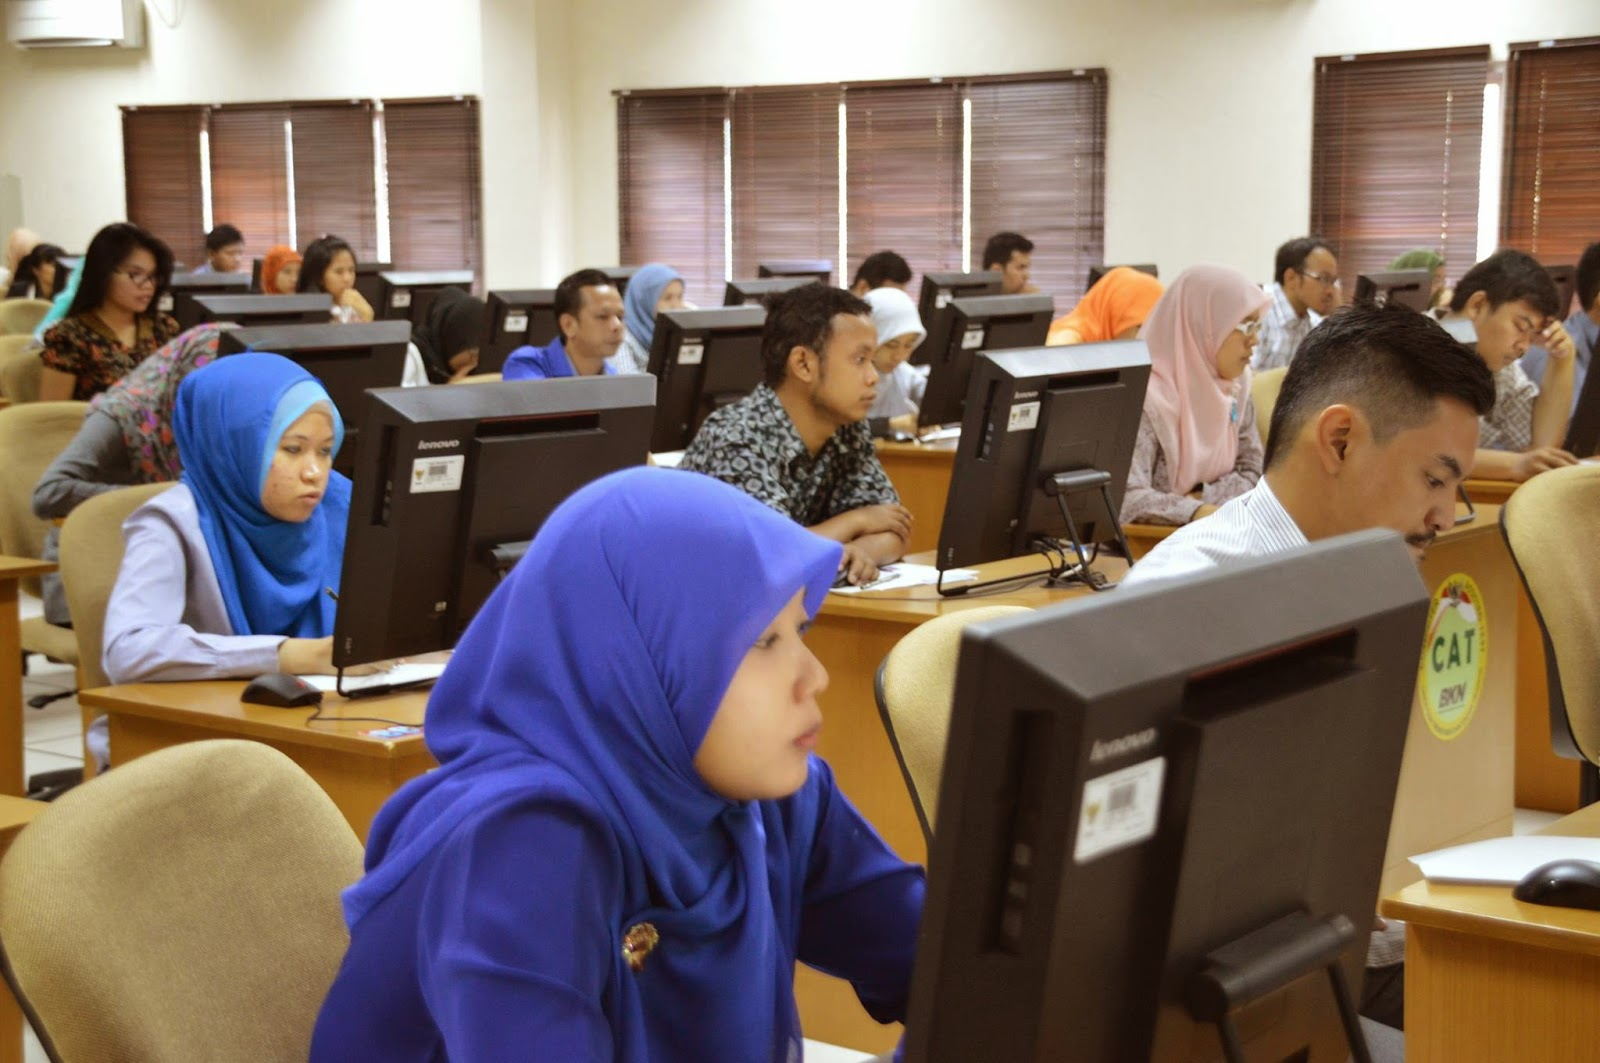 Bang Imam Berbagi Ini Passing Grade Cpns 2014